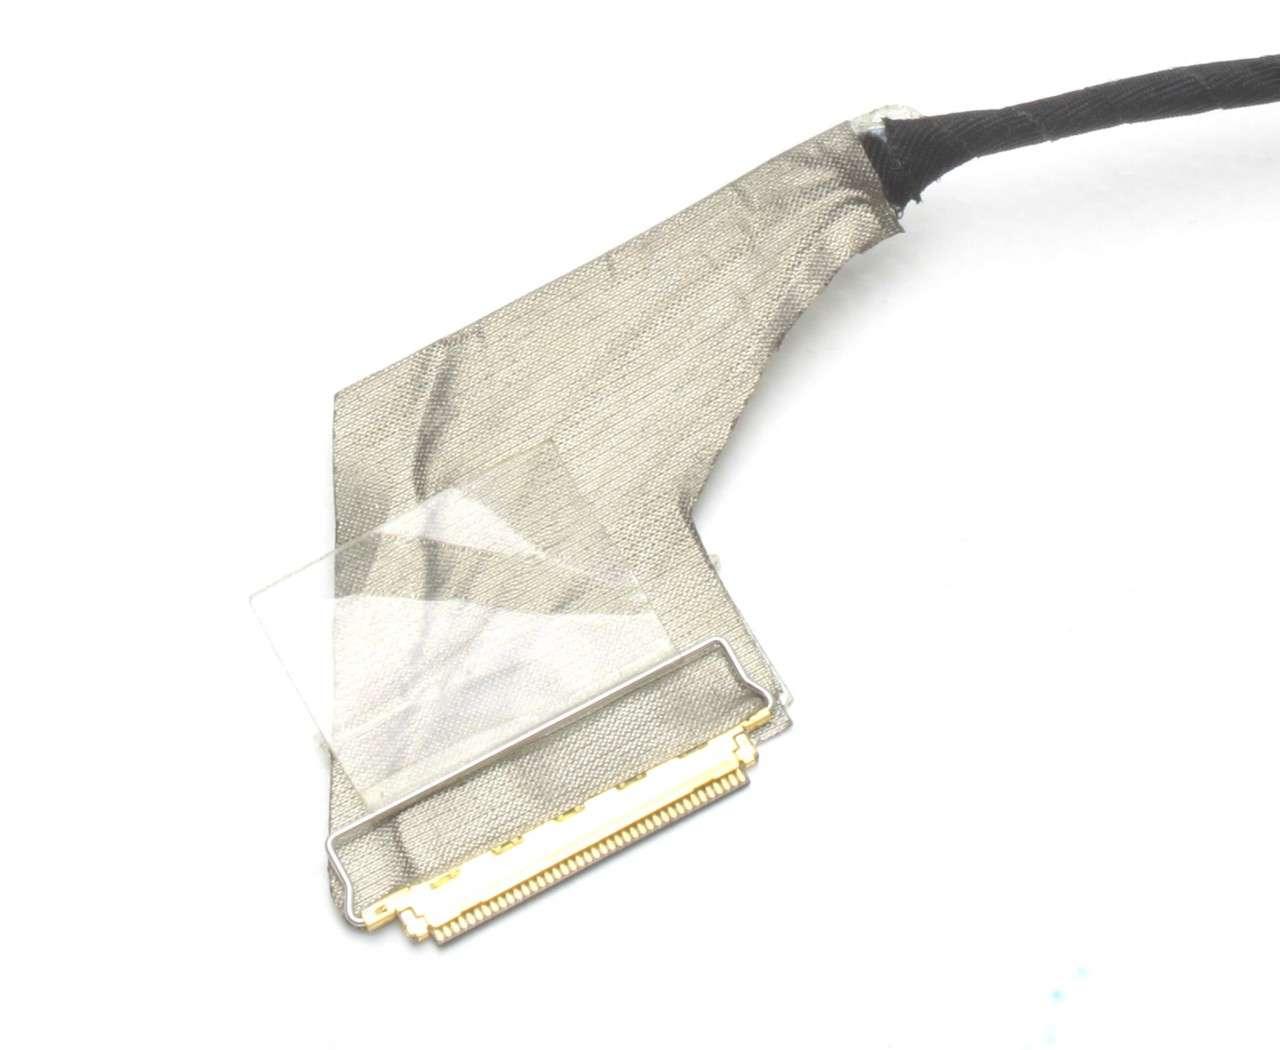 Cablu video LVDS MSI K19 3030025 H58 imagine powerlaptop.ro 2021